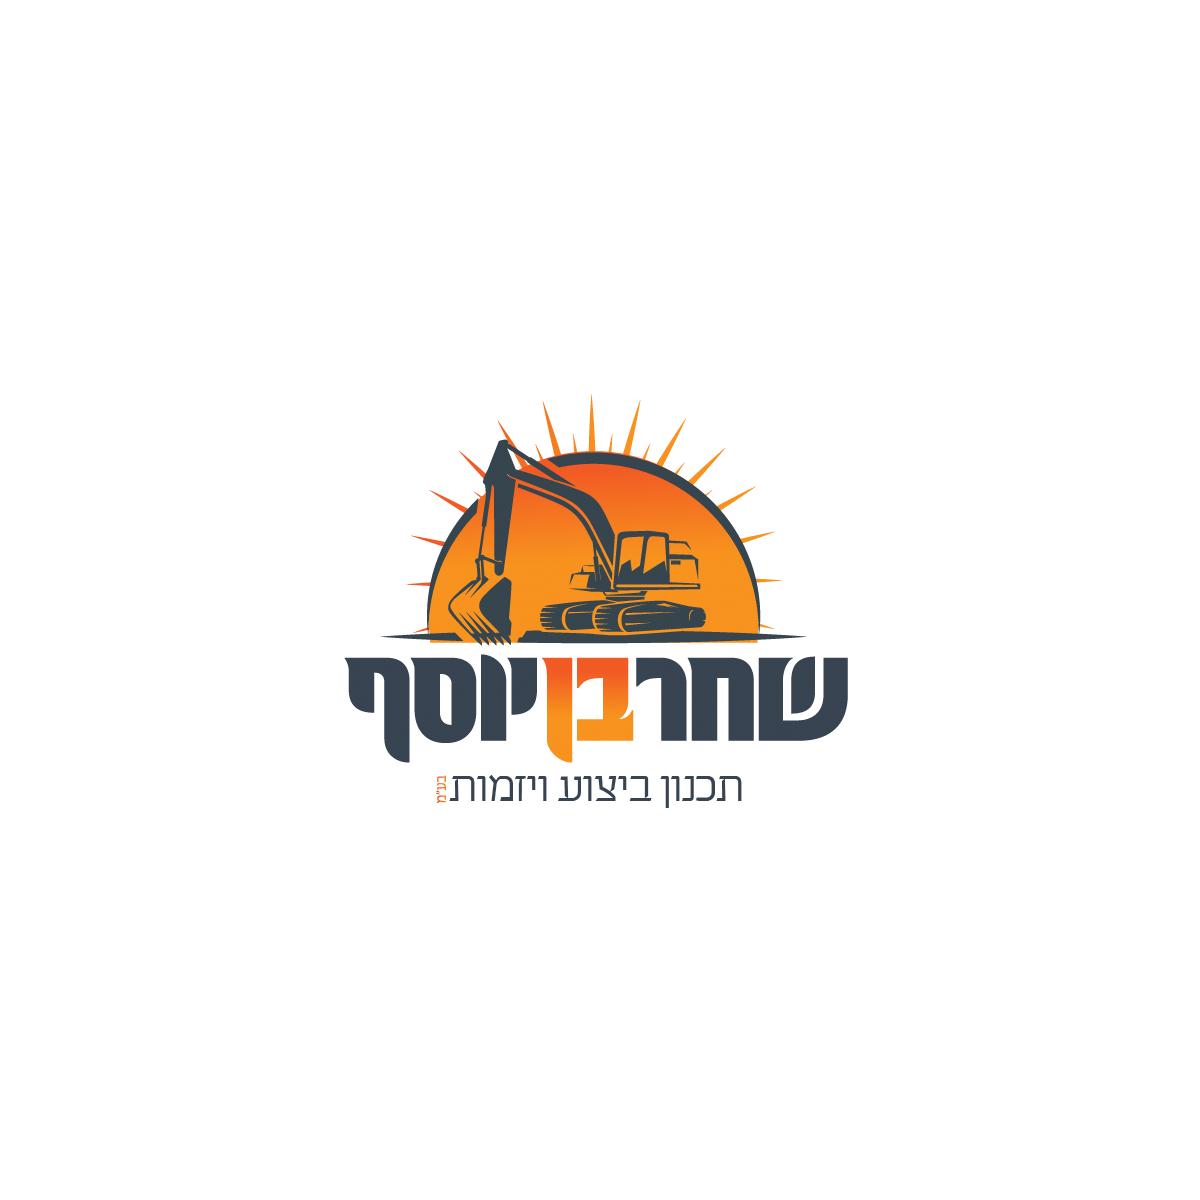 עייצוב לוגו